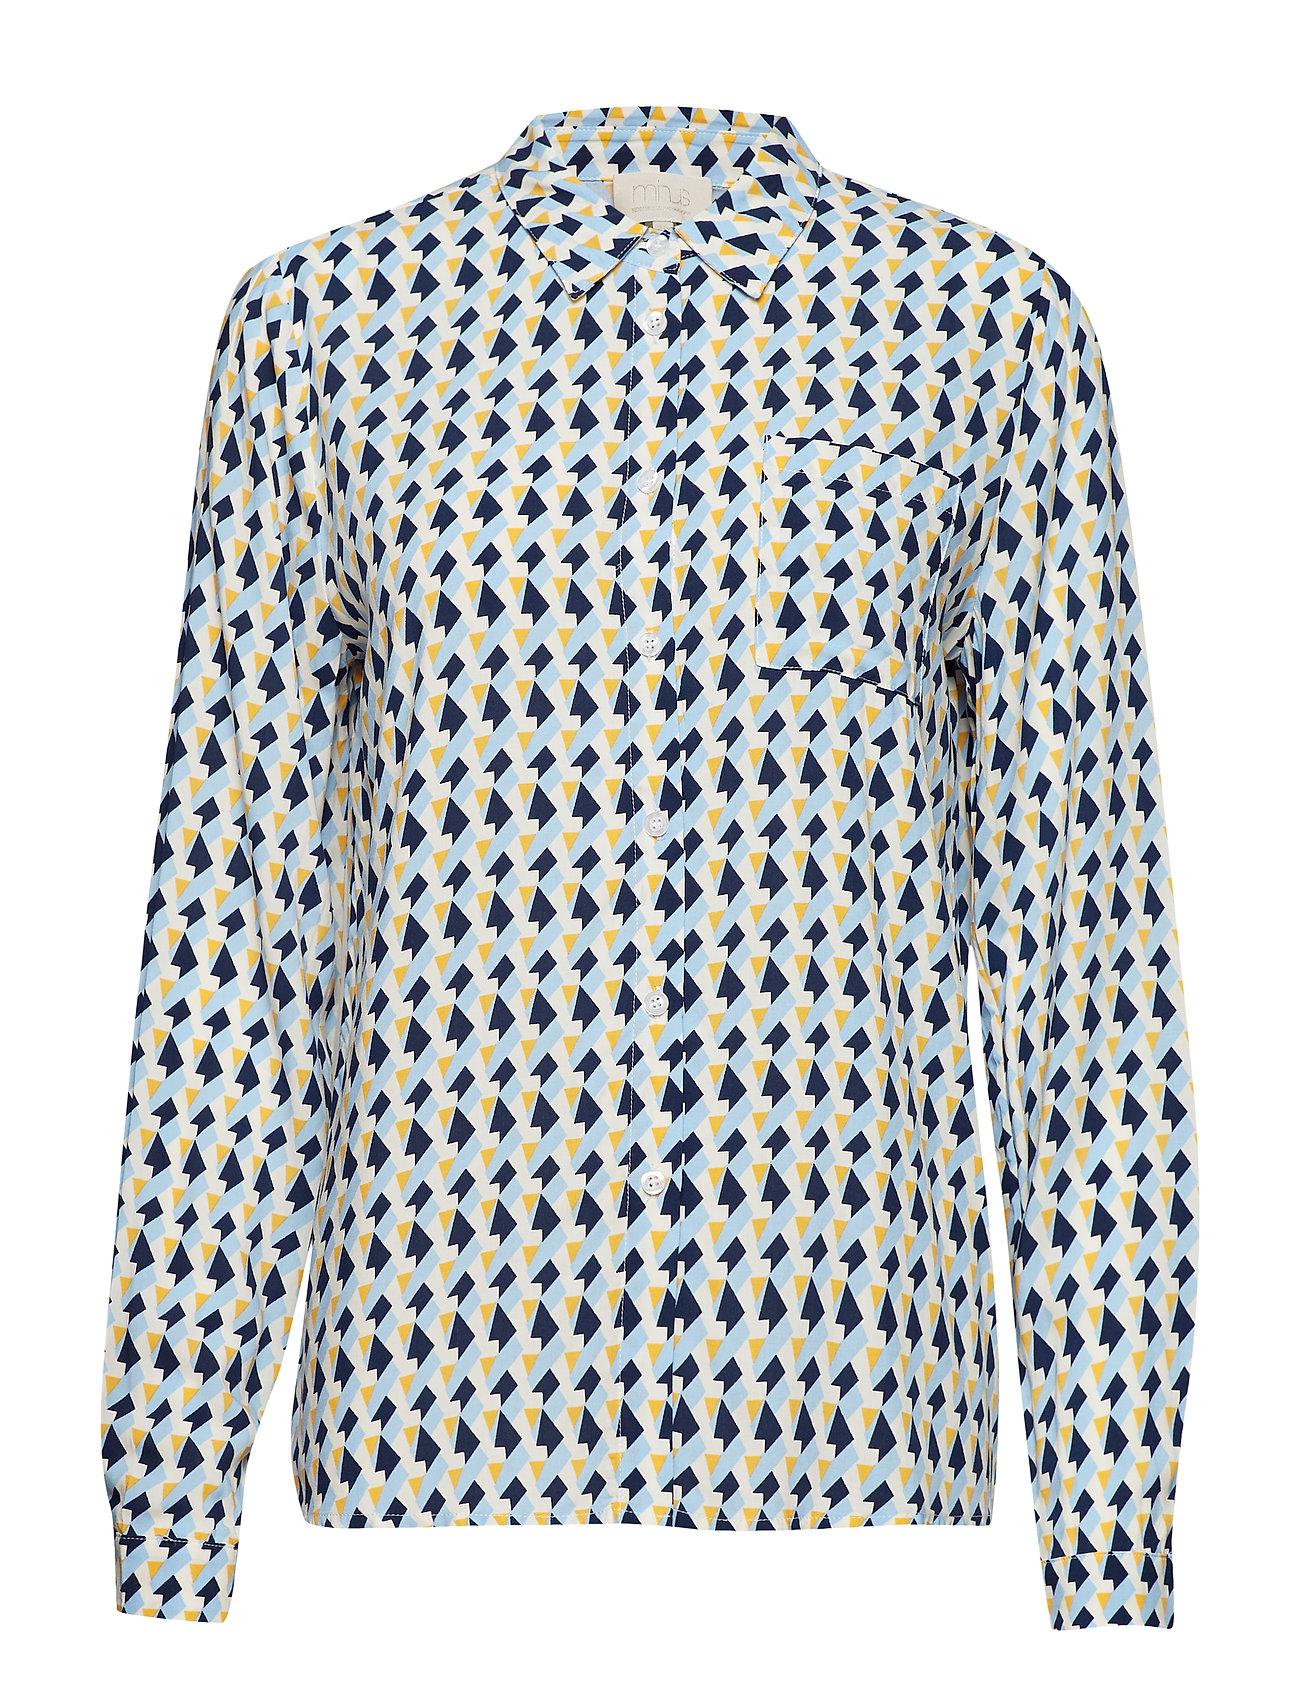 Minus Noelle shirt - PEAK PRINT ICY BLUE